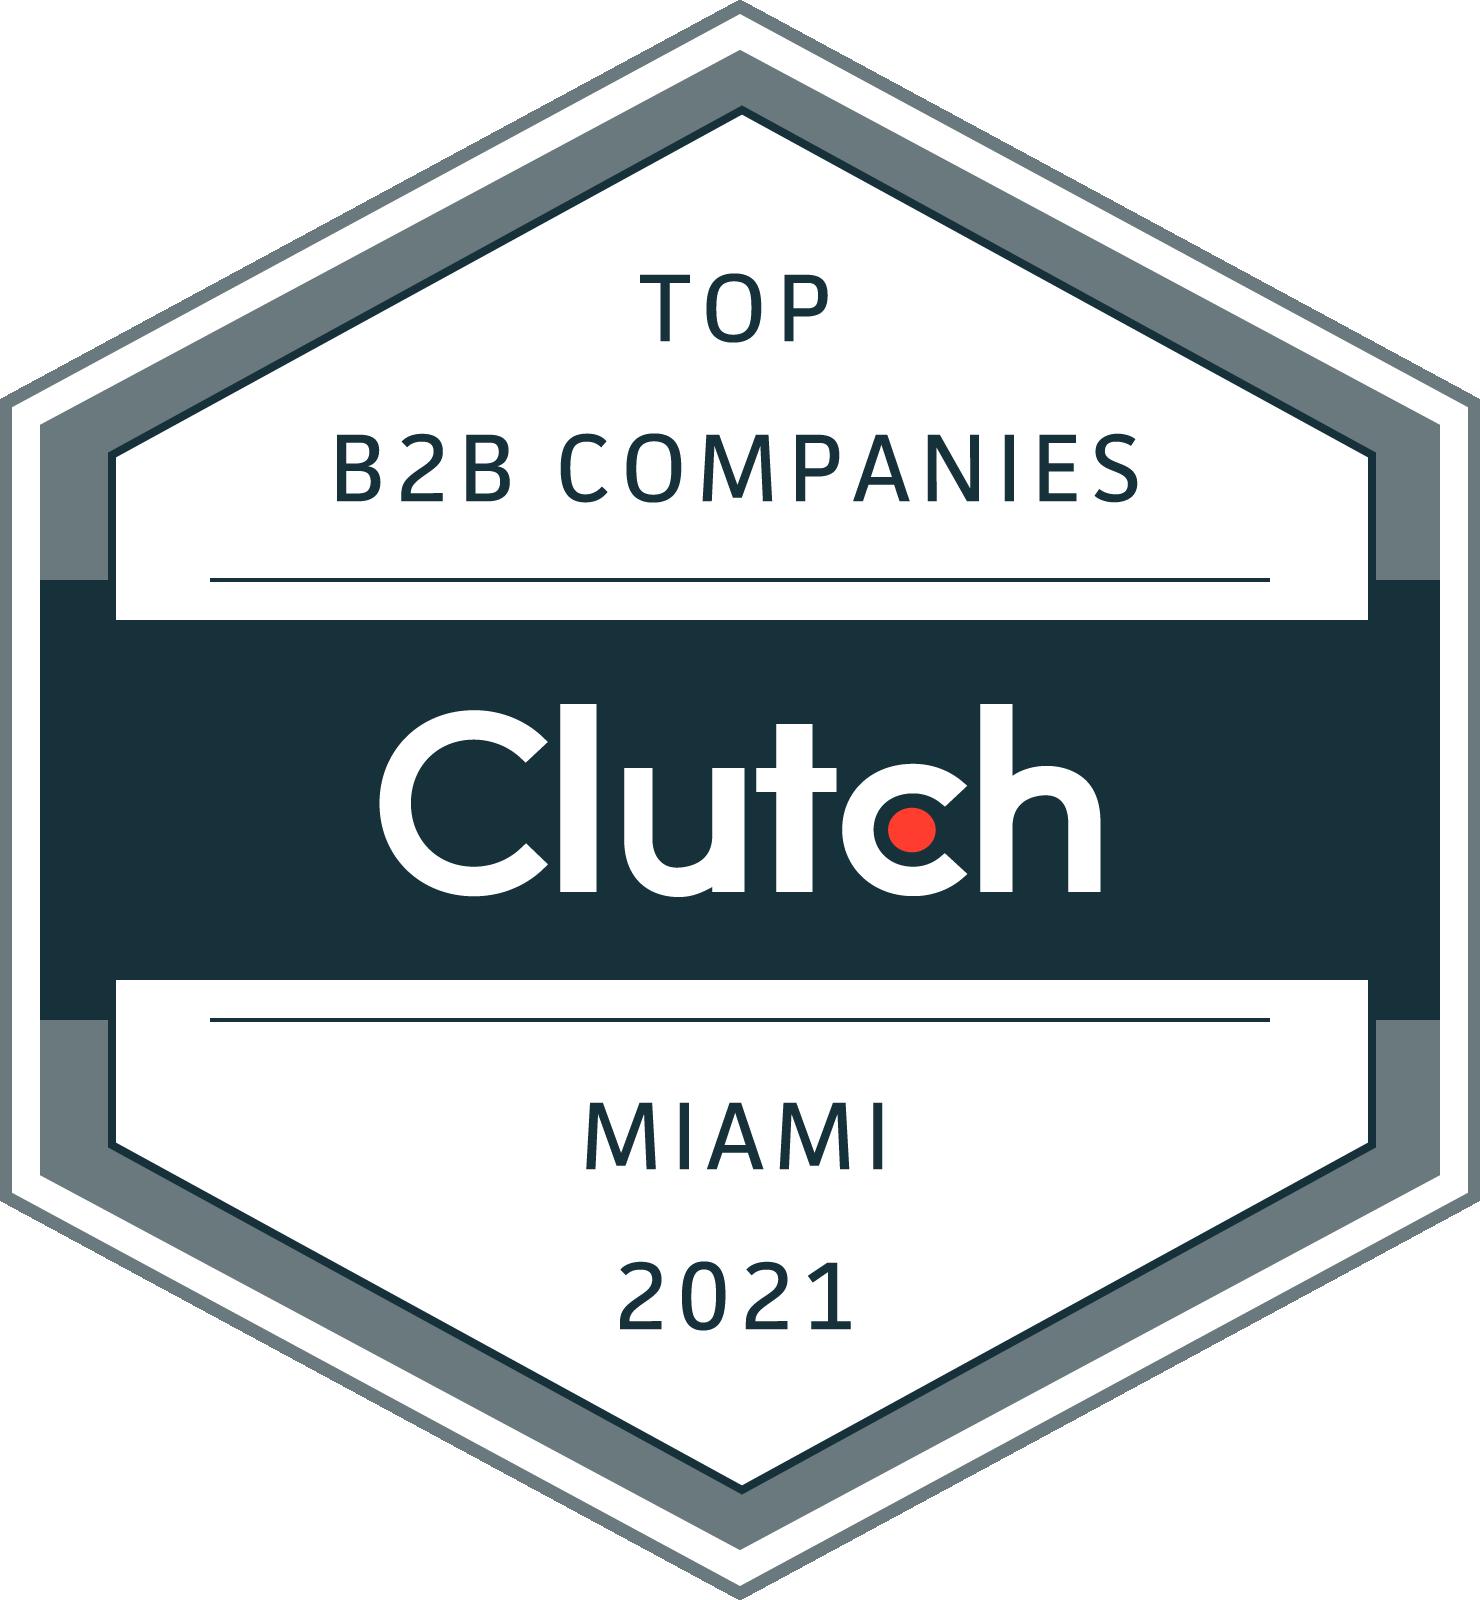 Miami B2B